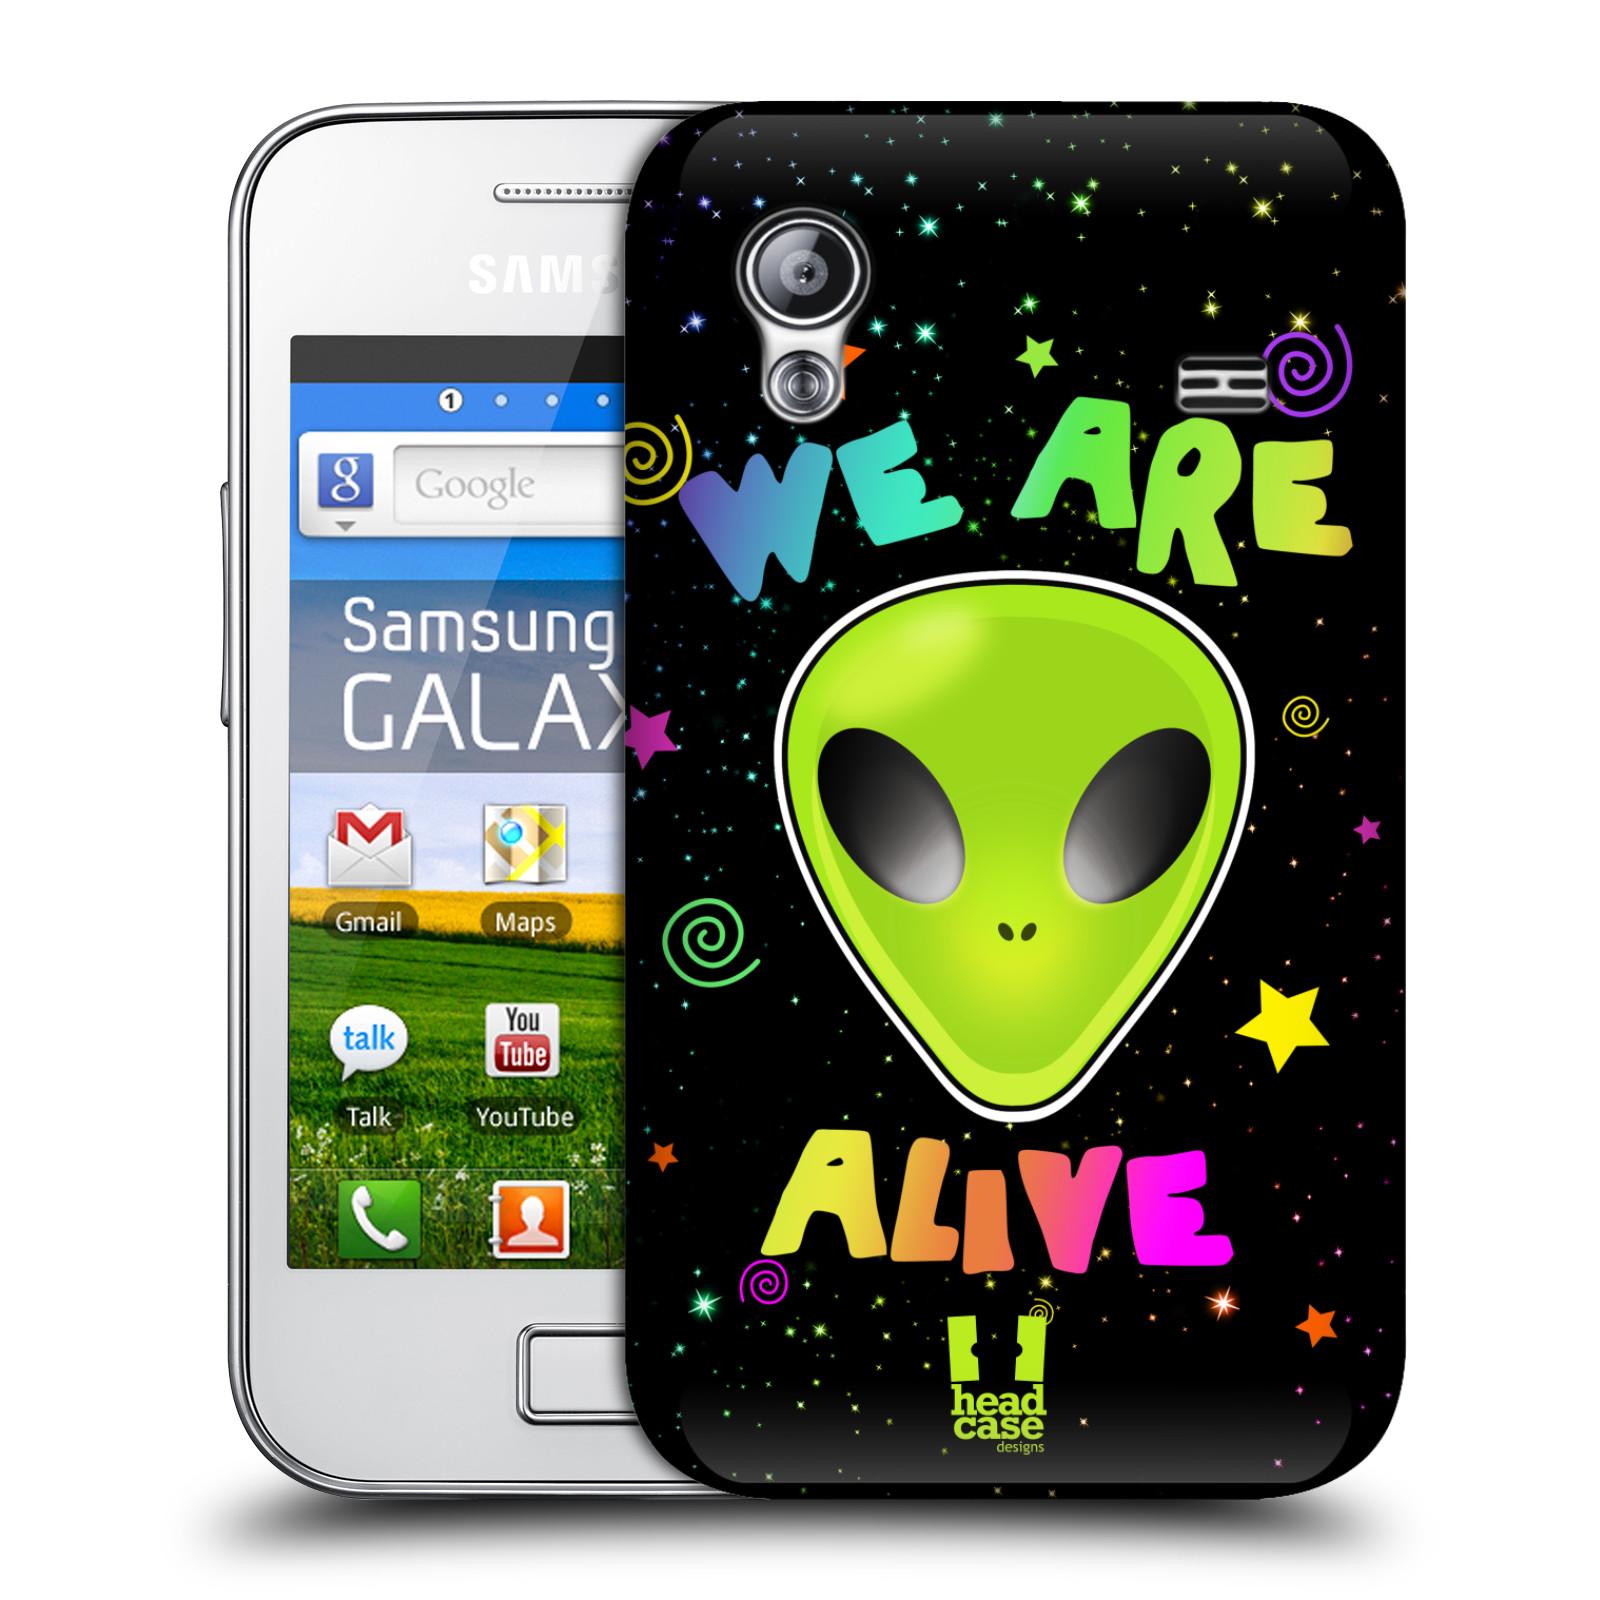 Plastové pouzdro na mobil Samsung Galaxy Ace HEAD CASE ALIENS ALIVE (Kryt či obal na mobilní telefon Samsung Galaxy Ace GT-S5830 / GT-S5830i / GT-S5839i)